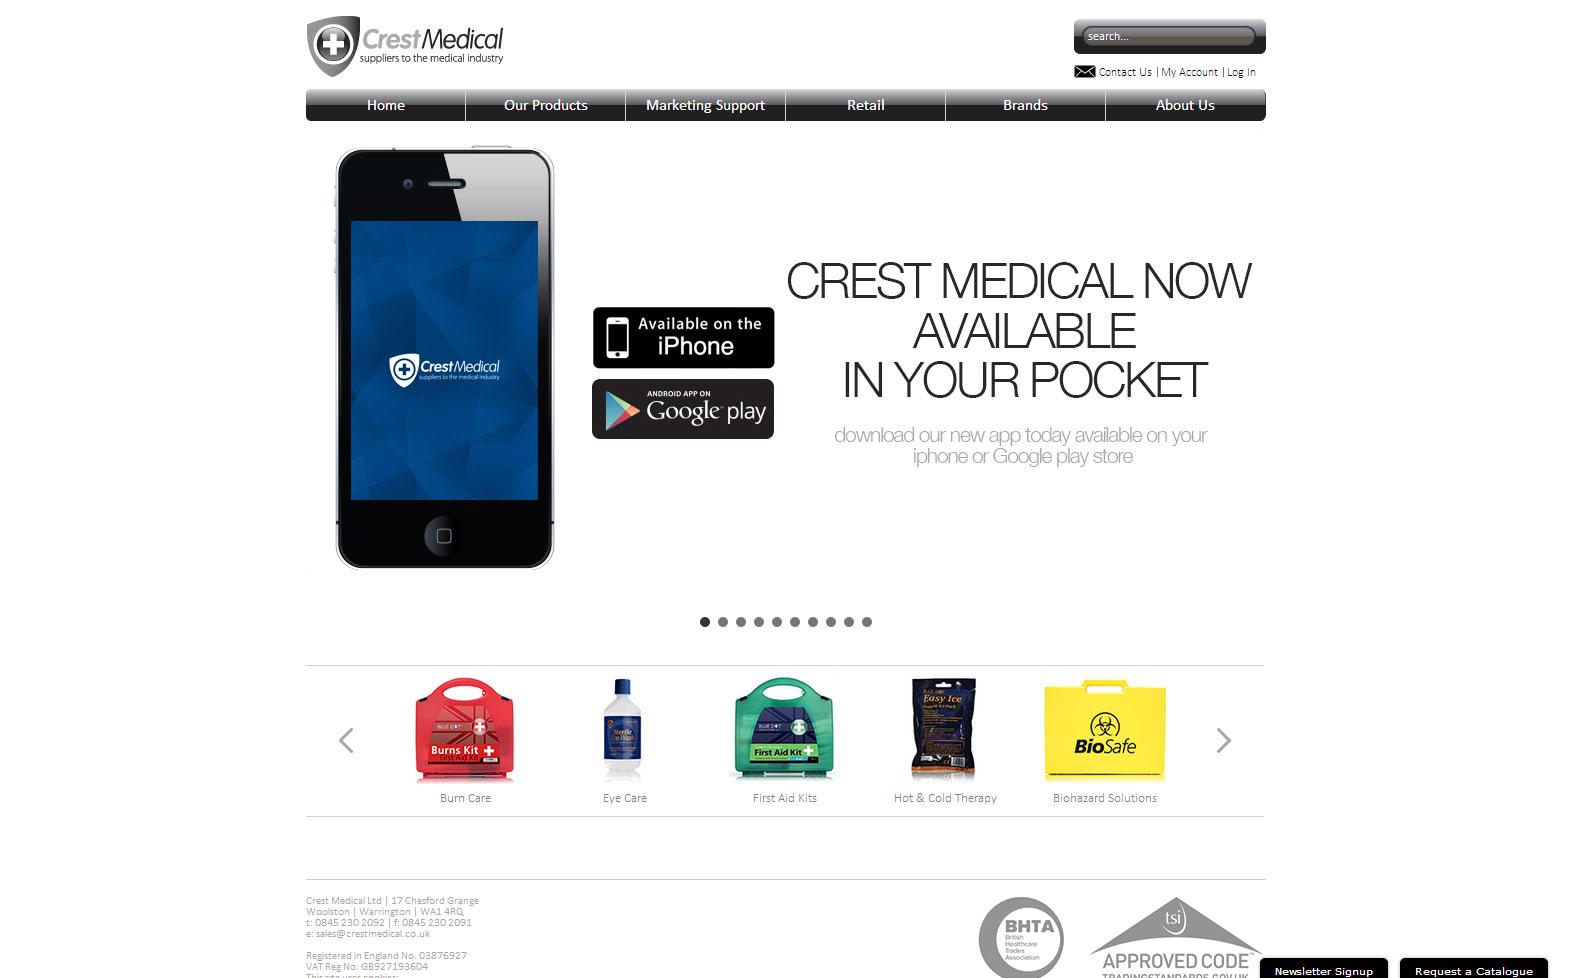 Crest Medical Website